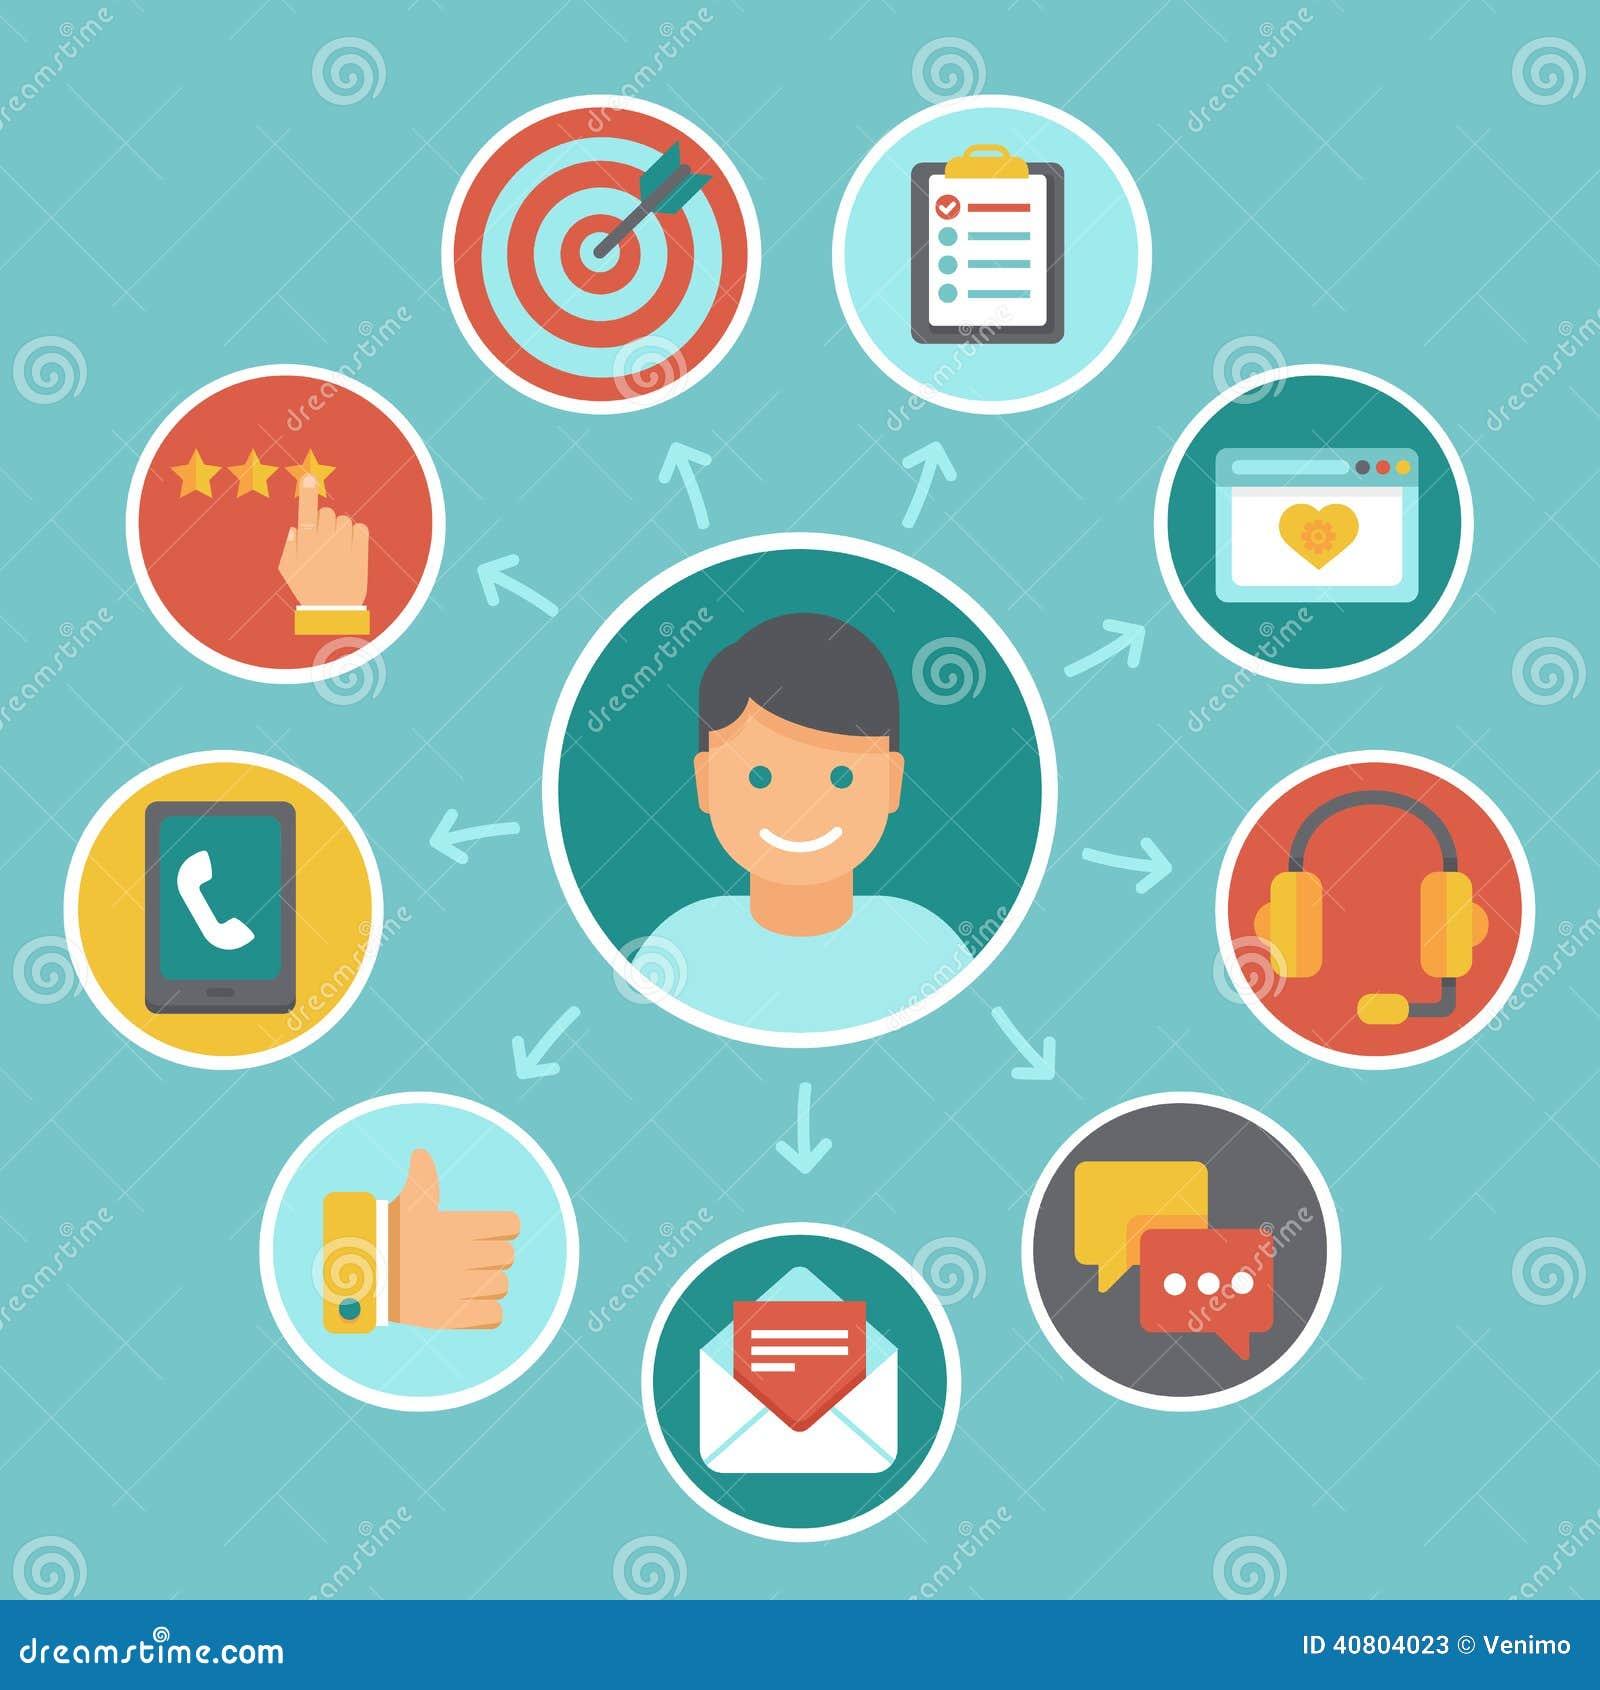 Kunden-Erfahrungskonzepte des Vektors flache